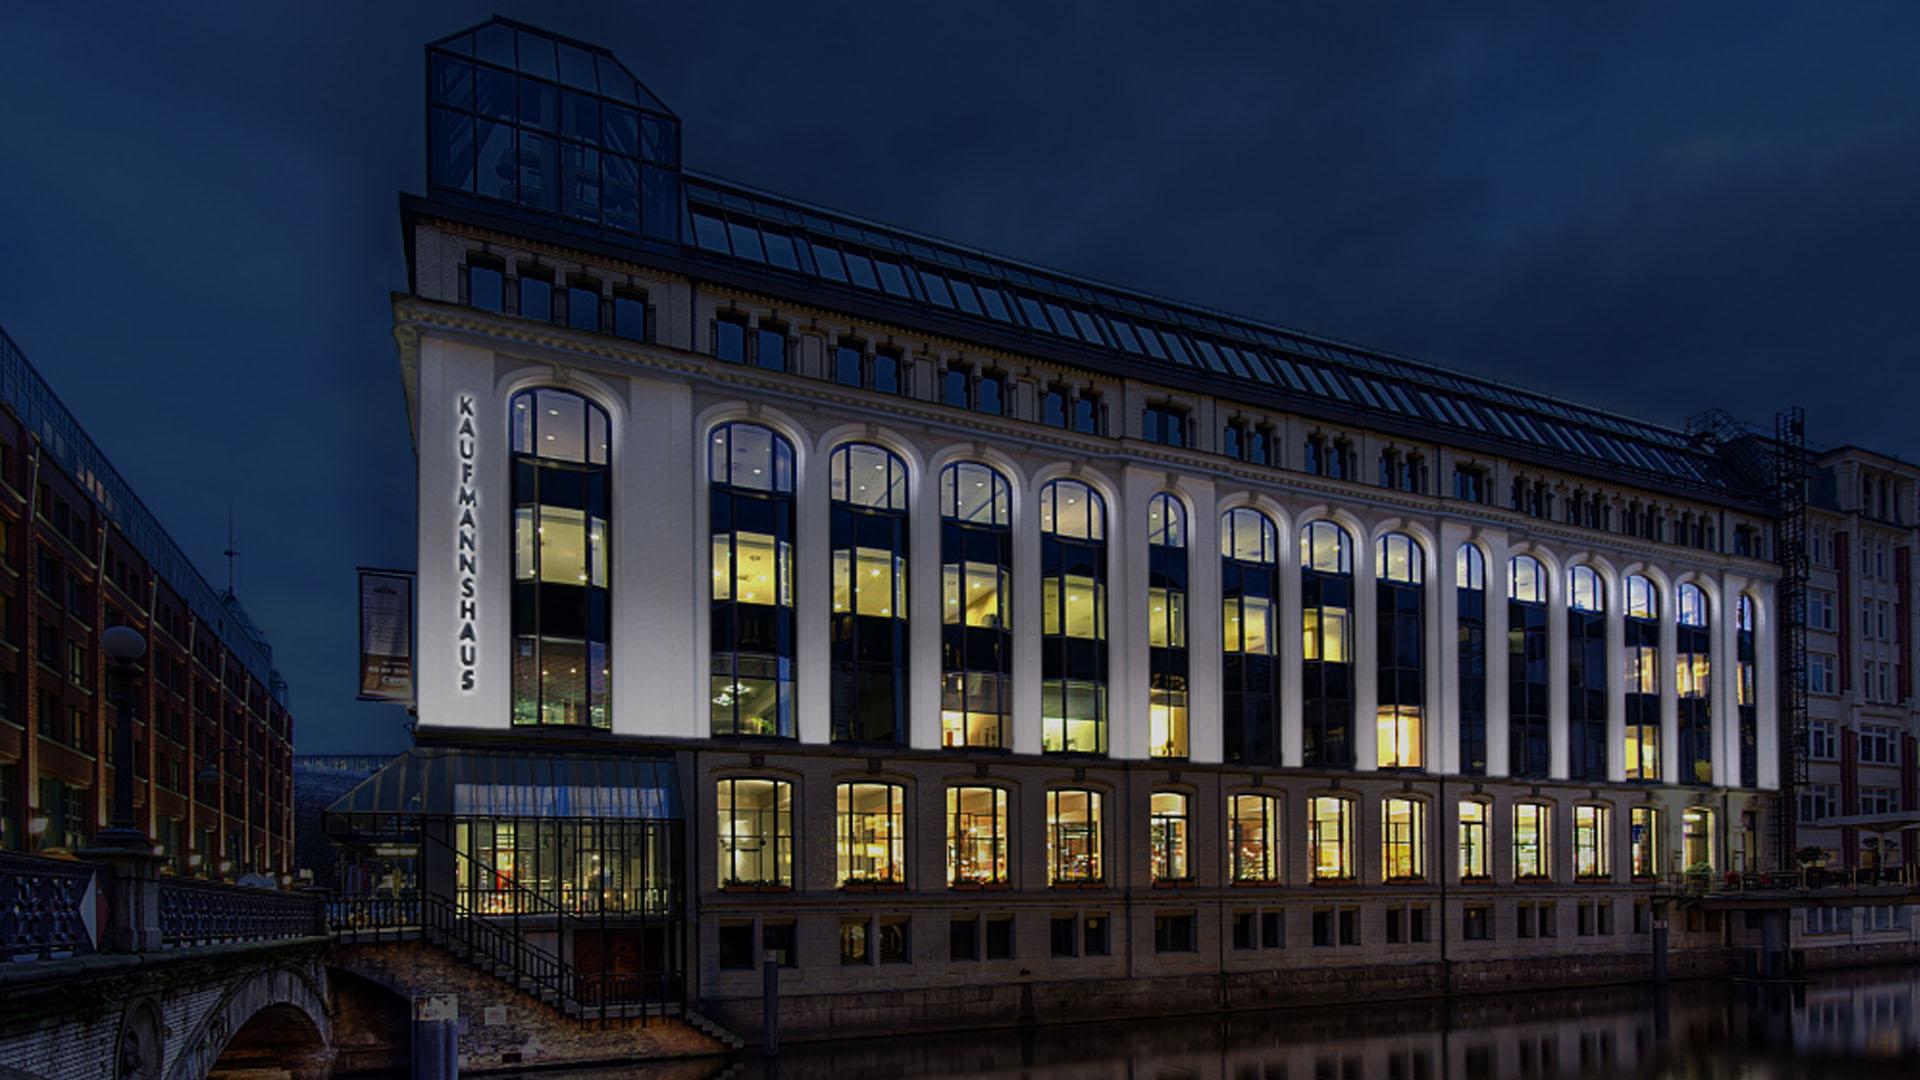 MAASS-Lichtplanung_Kaufmannshaus Hamburg__MAASS-Kaufmannshaus-003